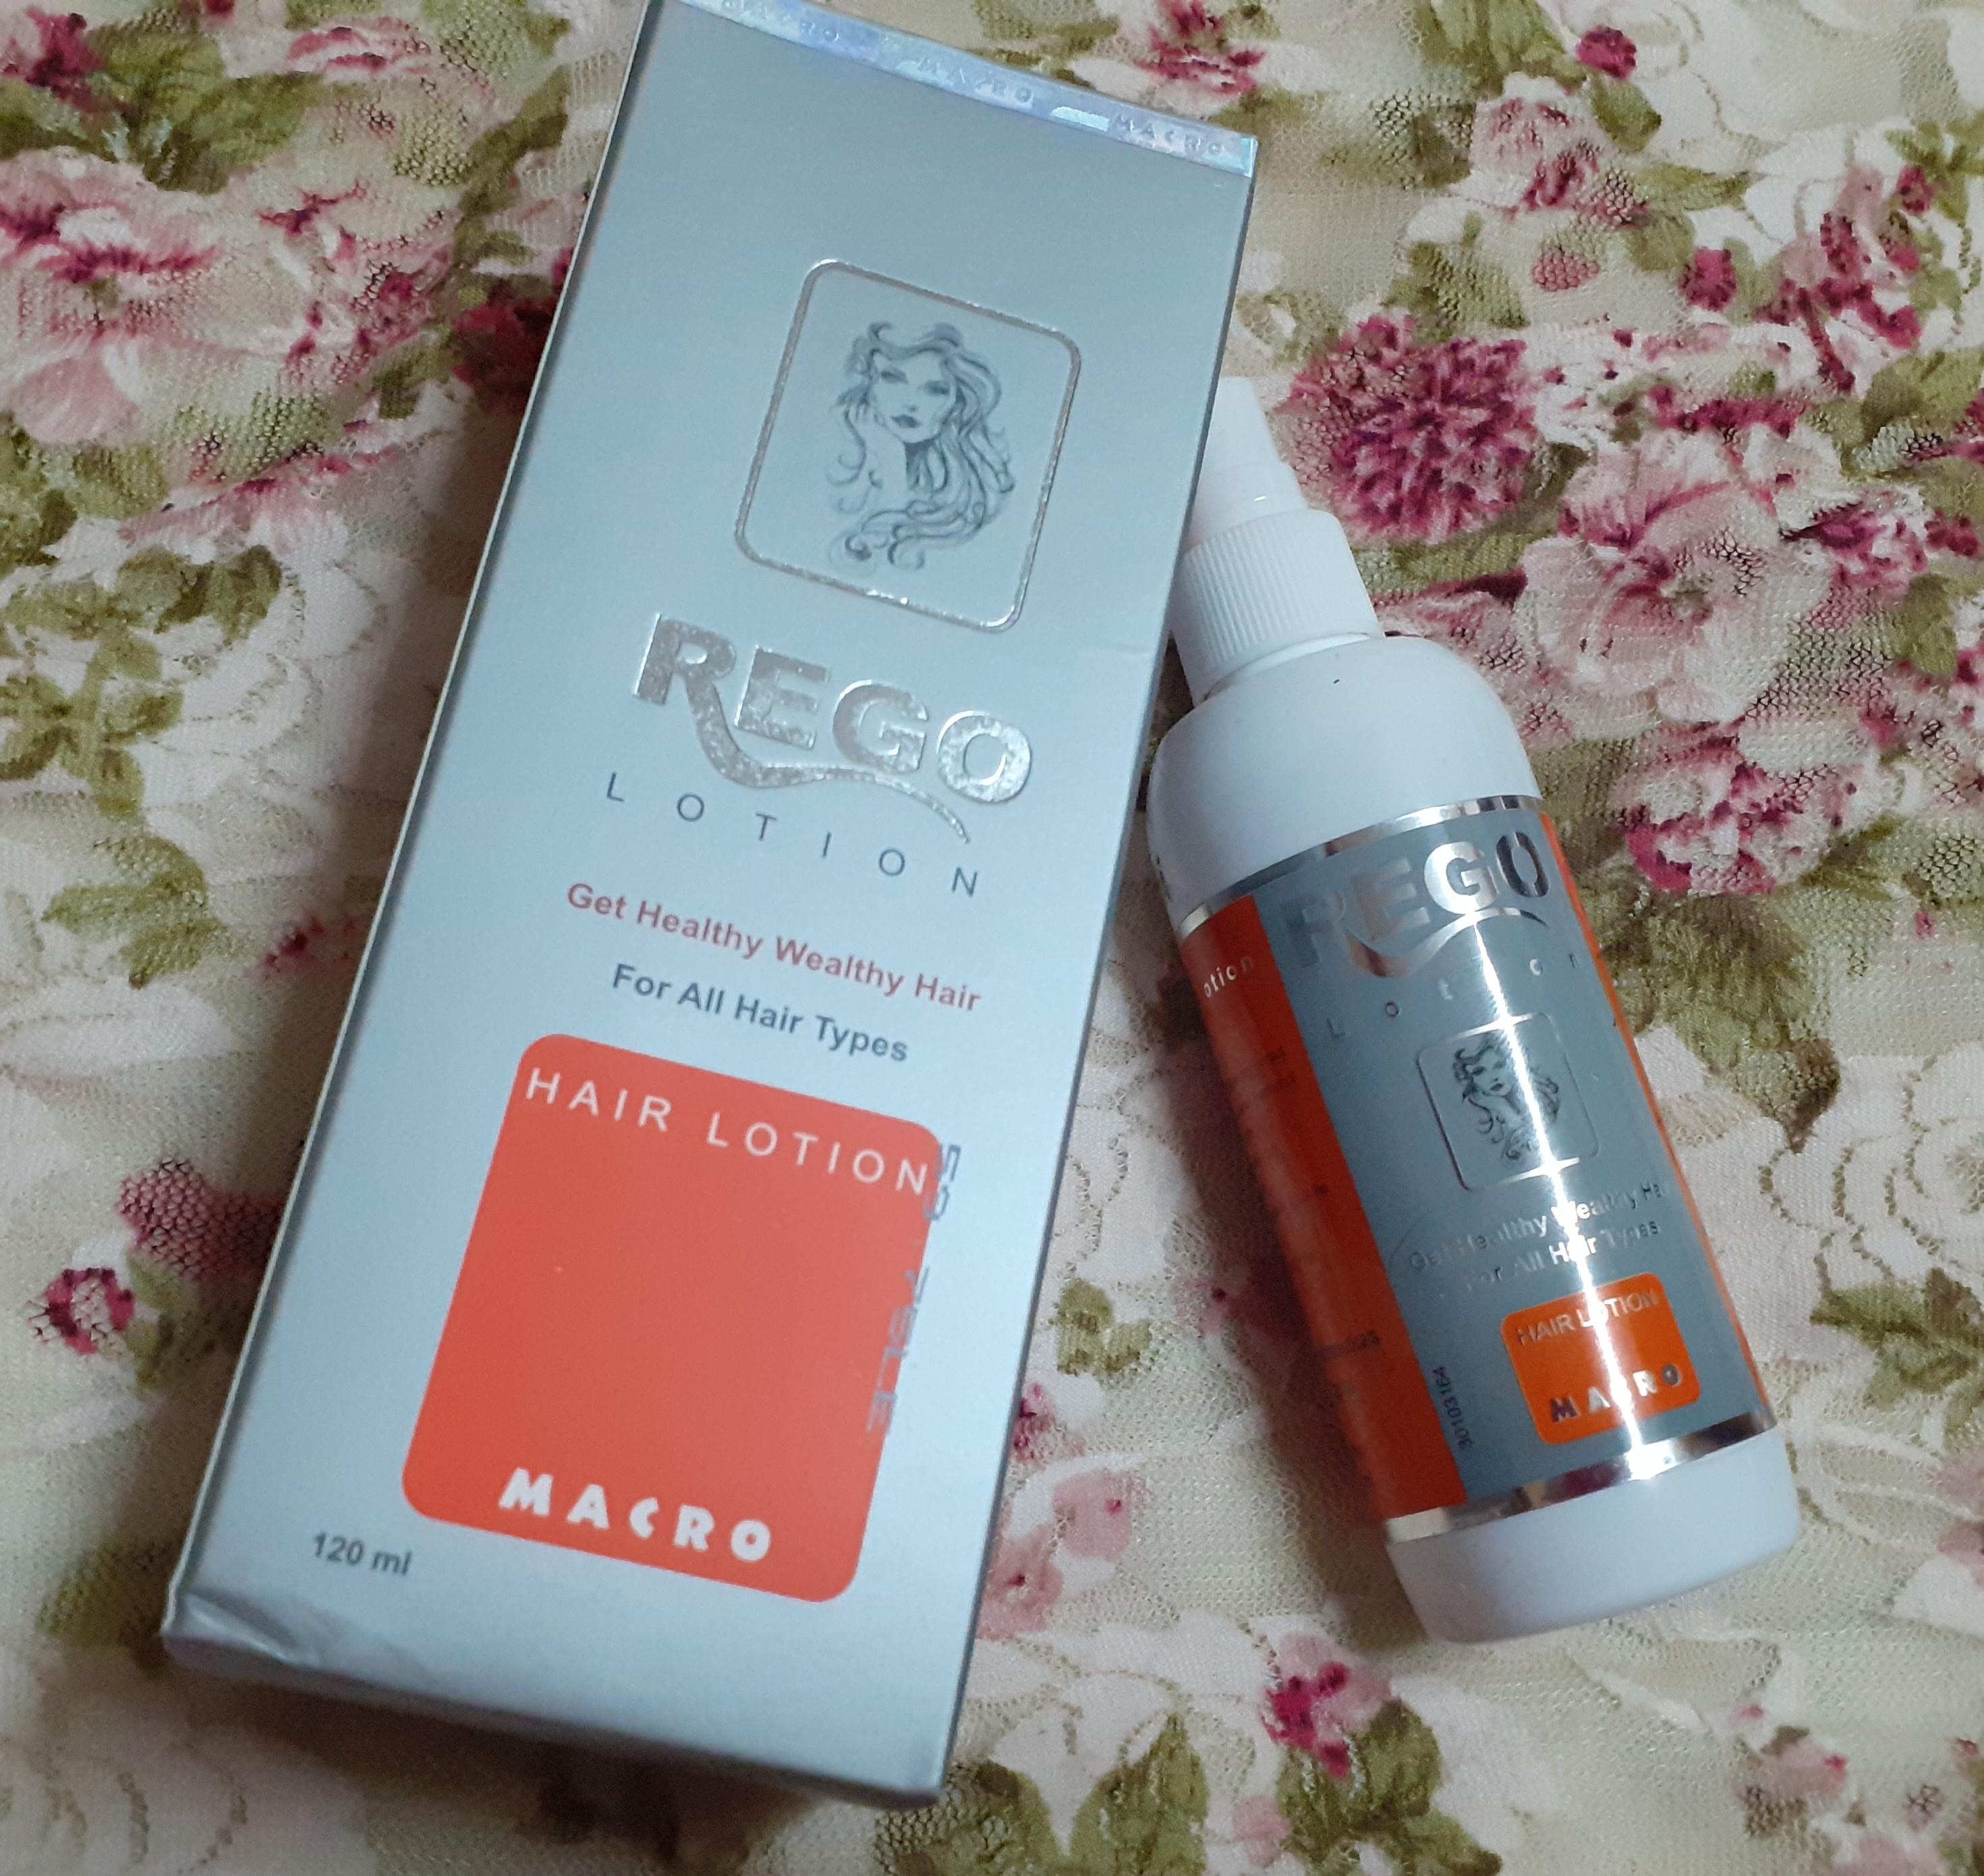 ريجو لوسيون Rego lotion لشعر انسيابي كالحرير